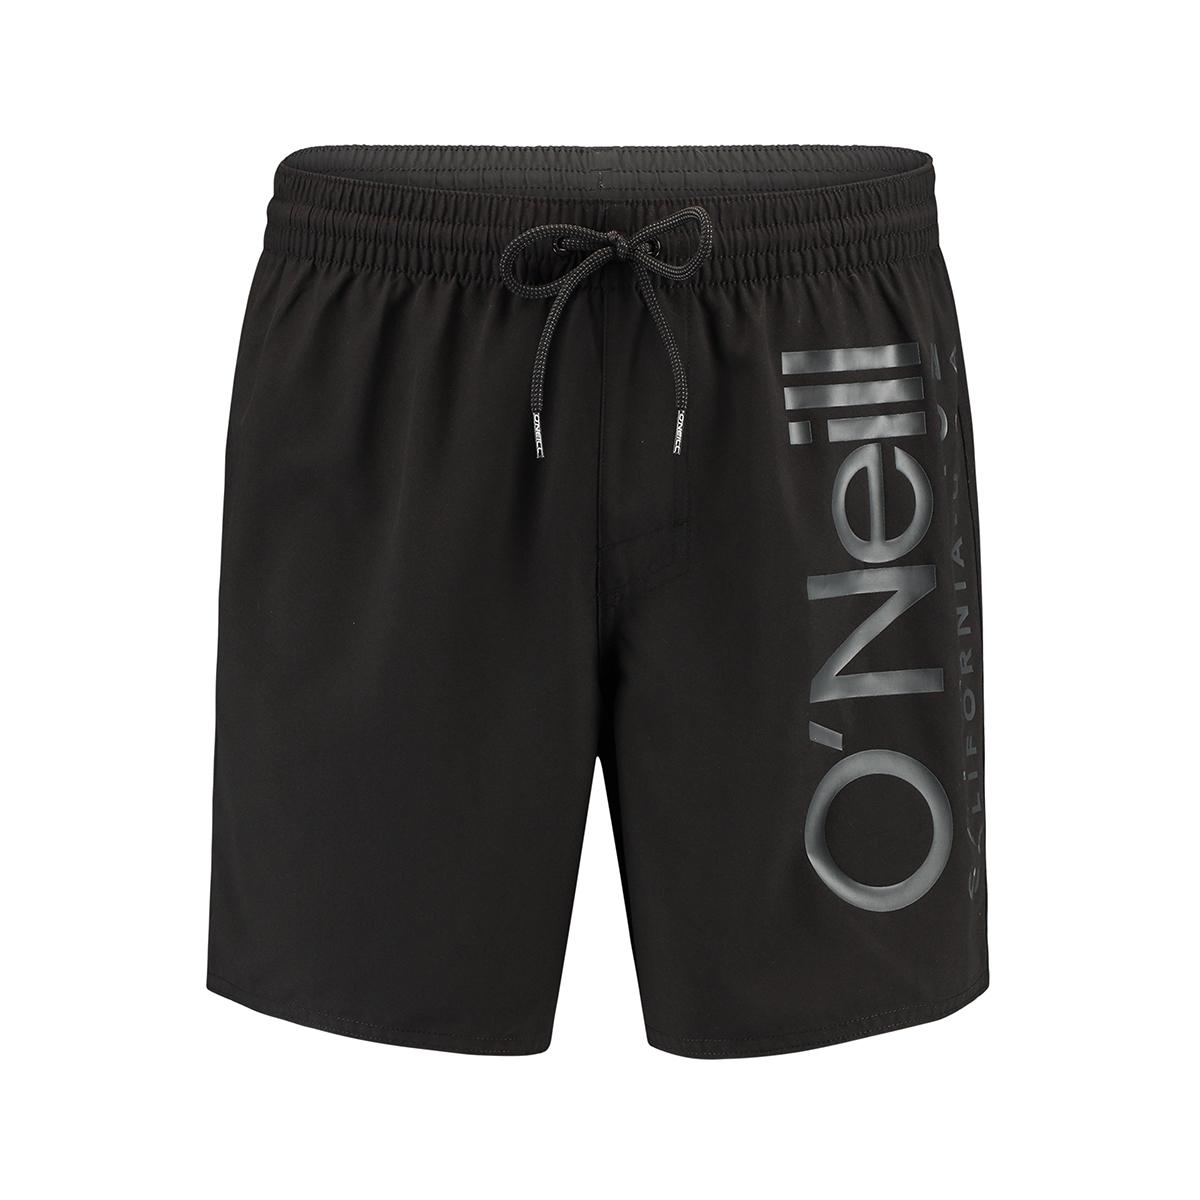 pm original cali shorts 0a3230 o`neill korte broek 9010 black out